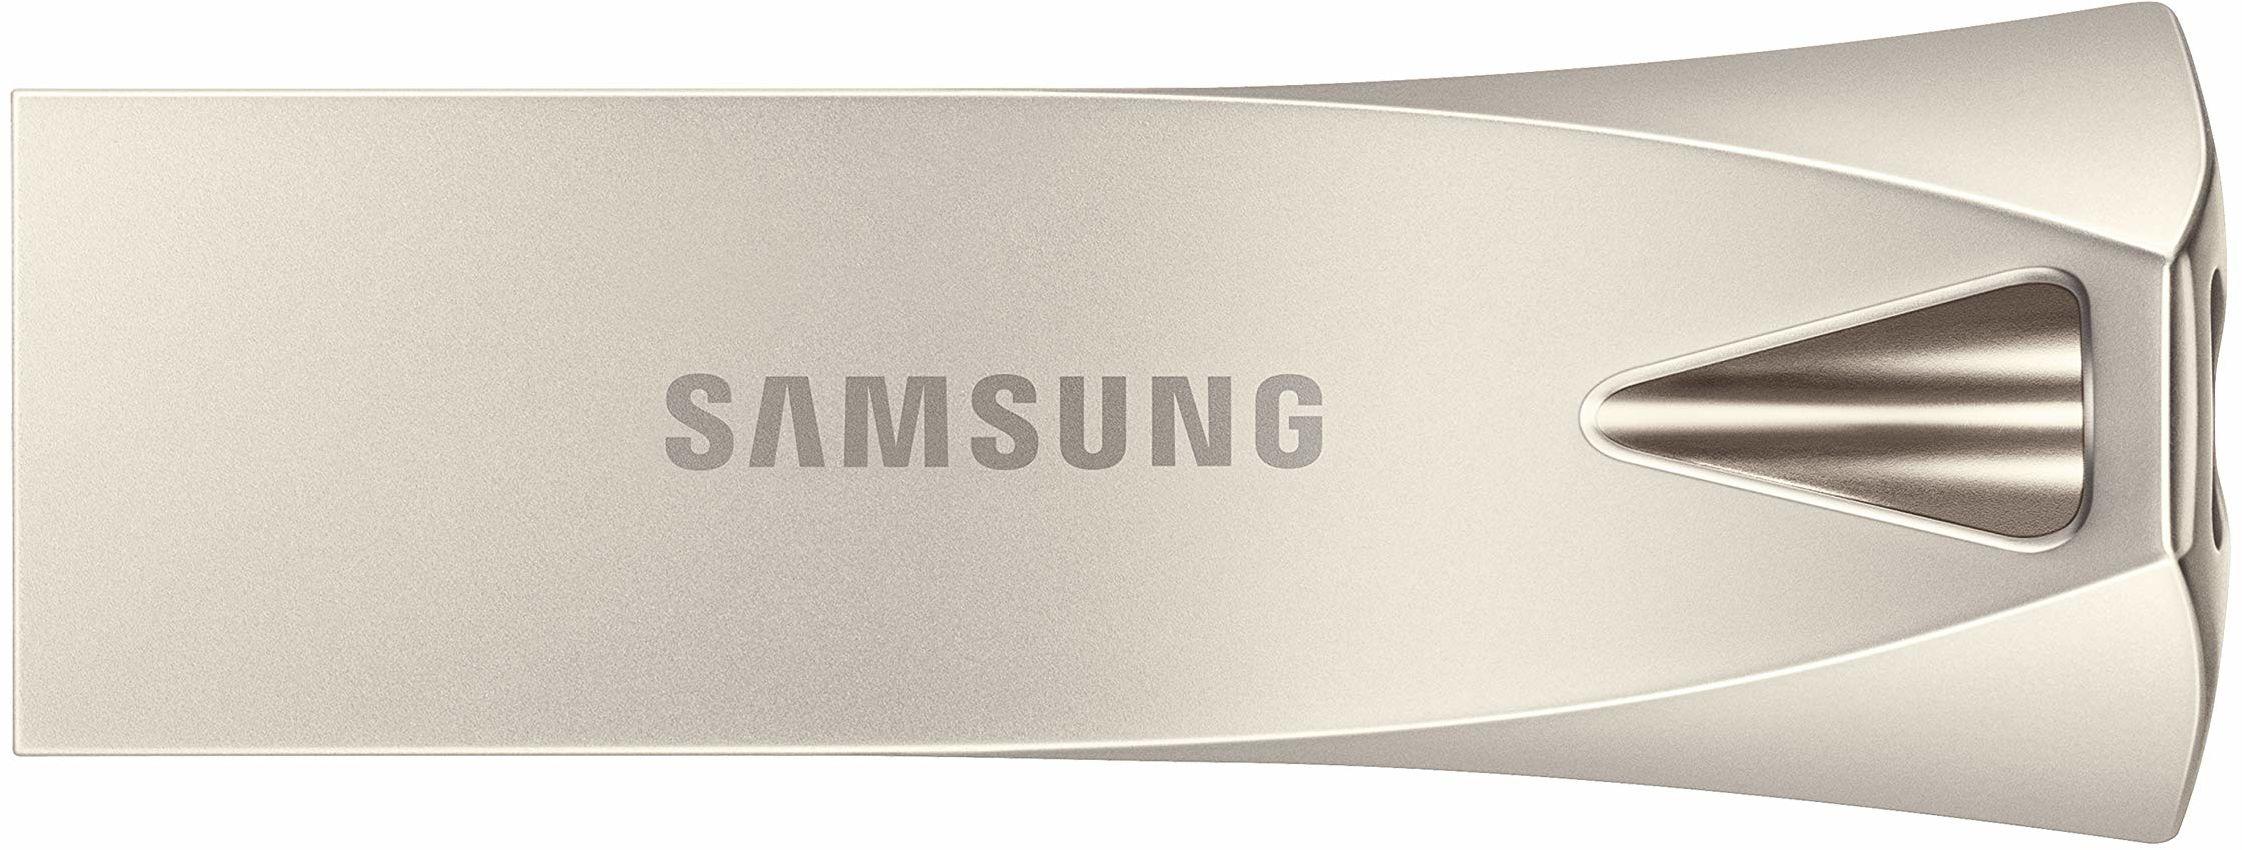 Samsung BAR Plus MUF-256BE3/APC, Pendrive, 256 GB, Champagne Silver